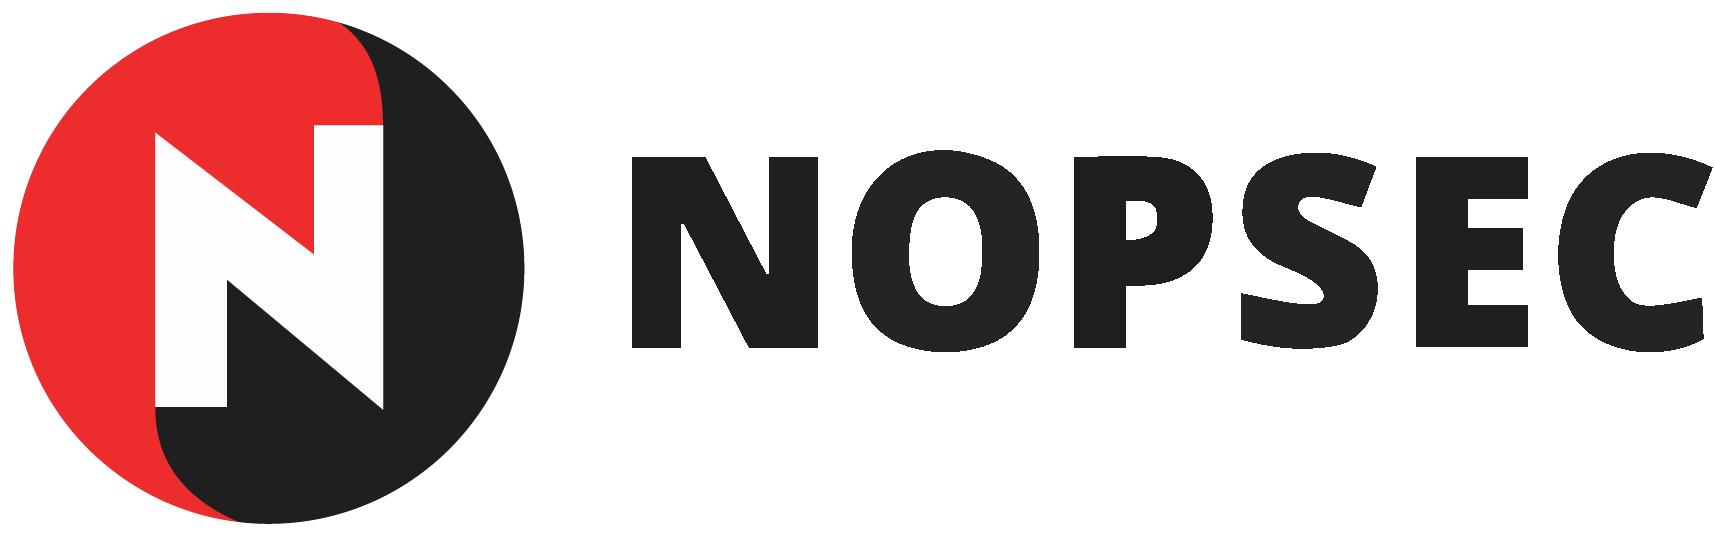 nopsec-full-logo-black (2)